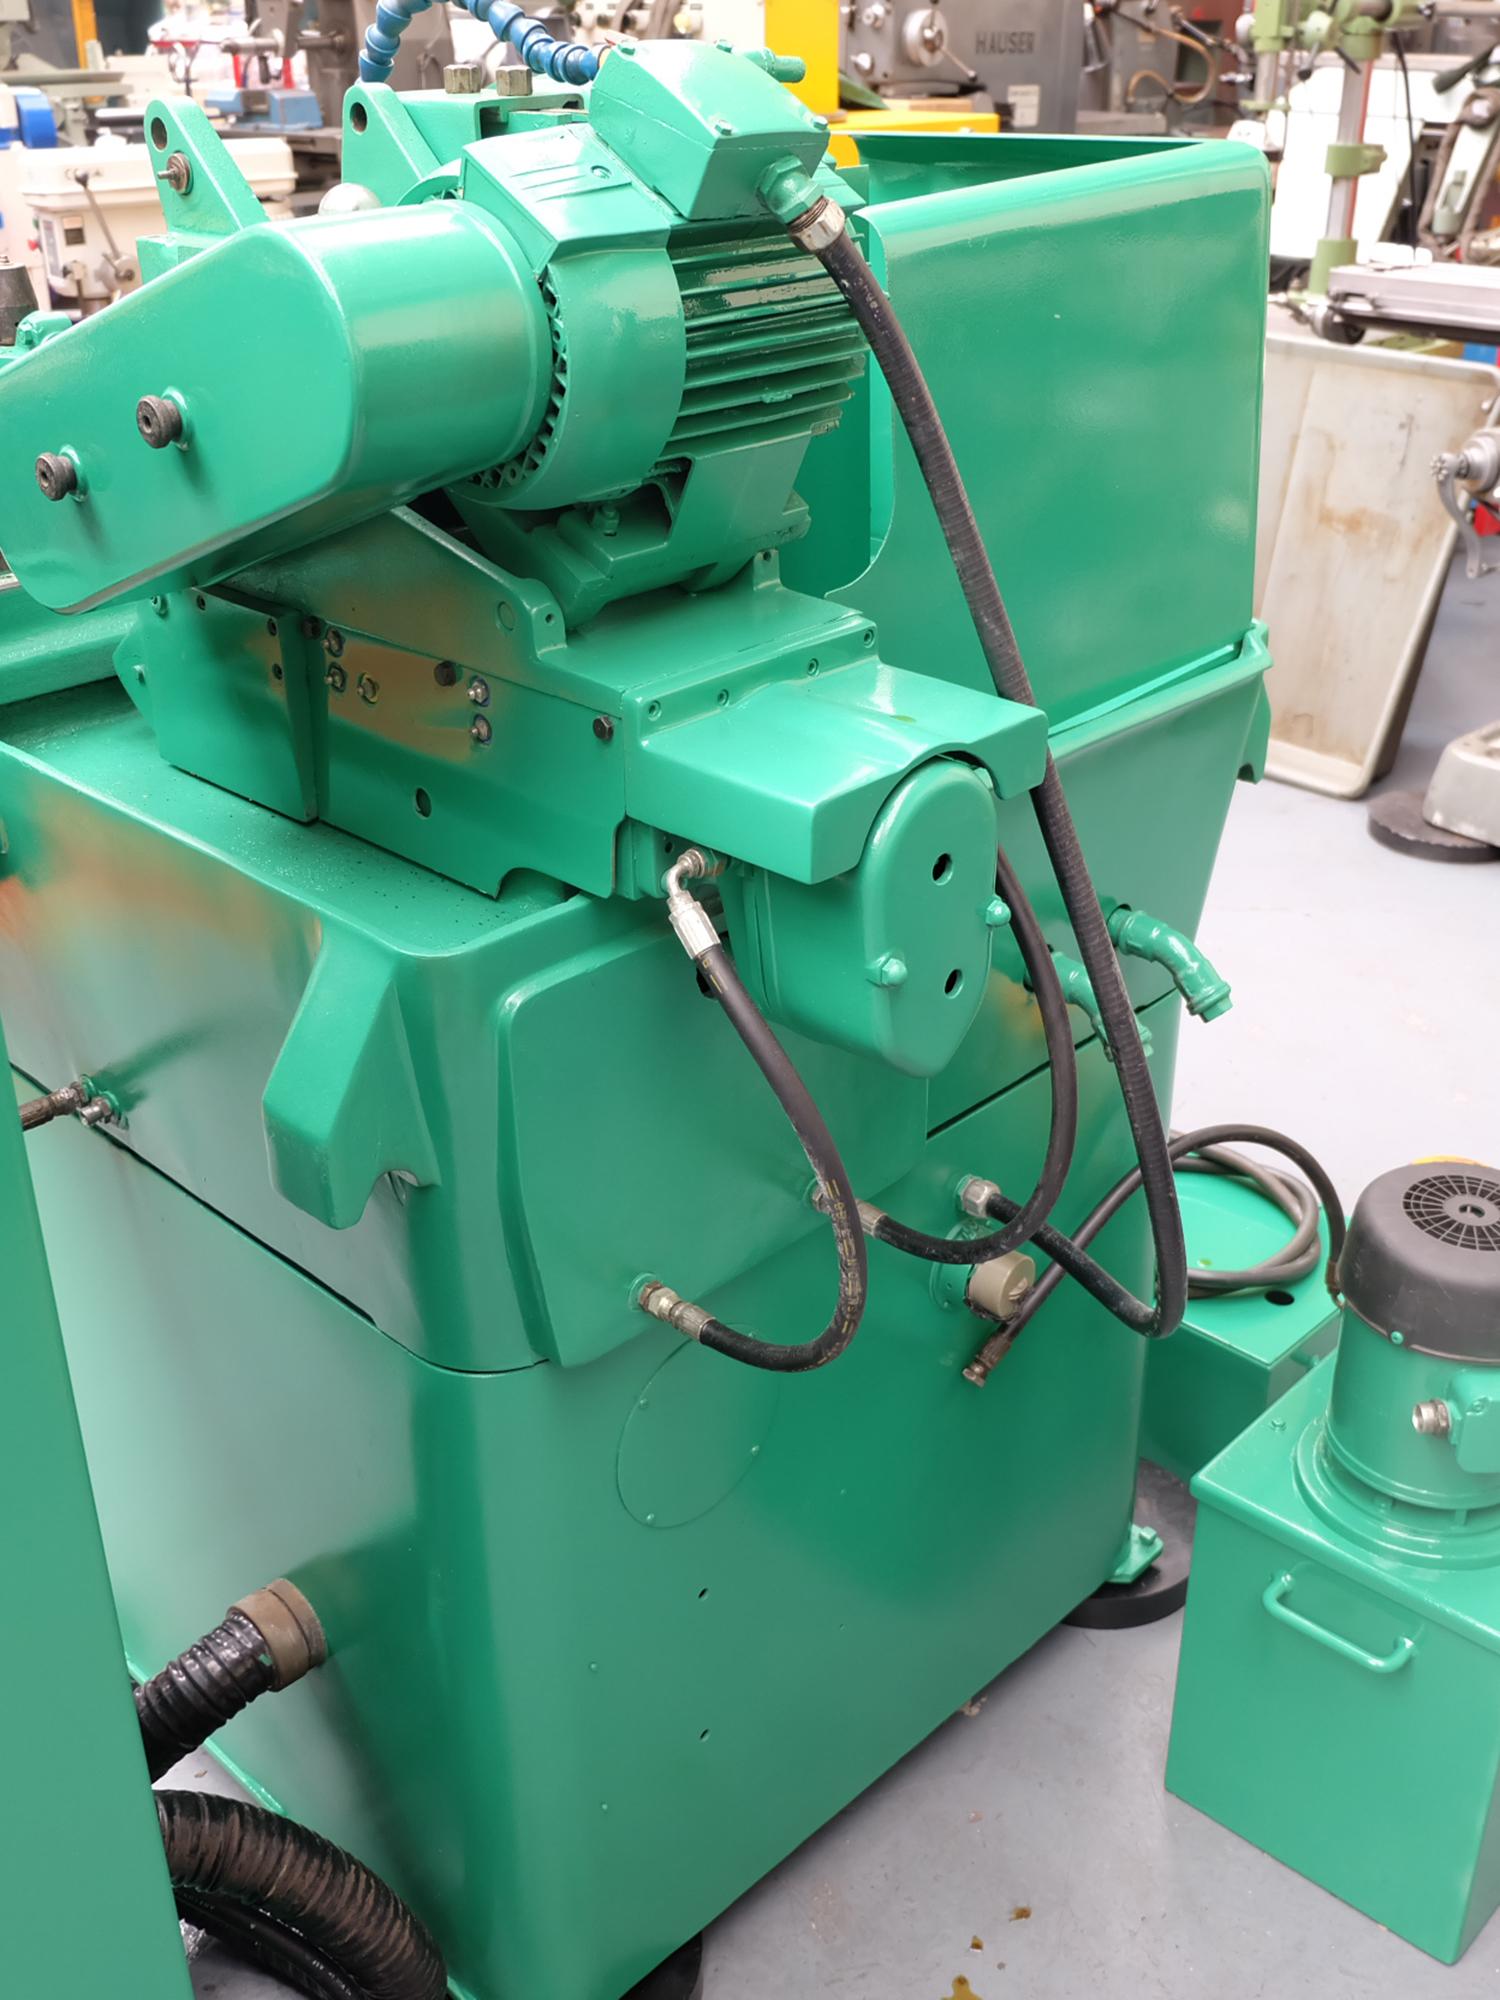 Myford MG12-HA Hydraulic Cylindrical Grinder. - Image 11 of 13